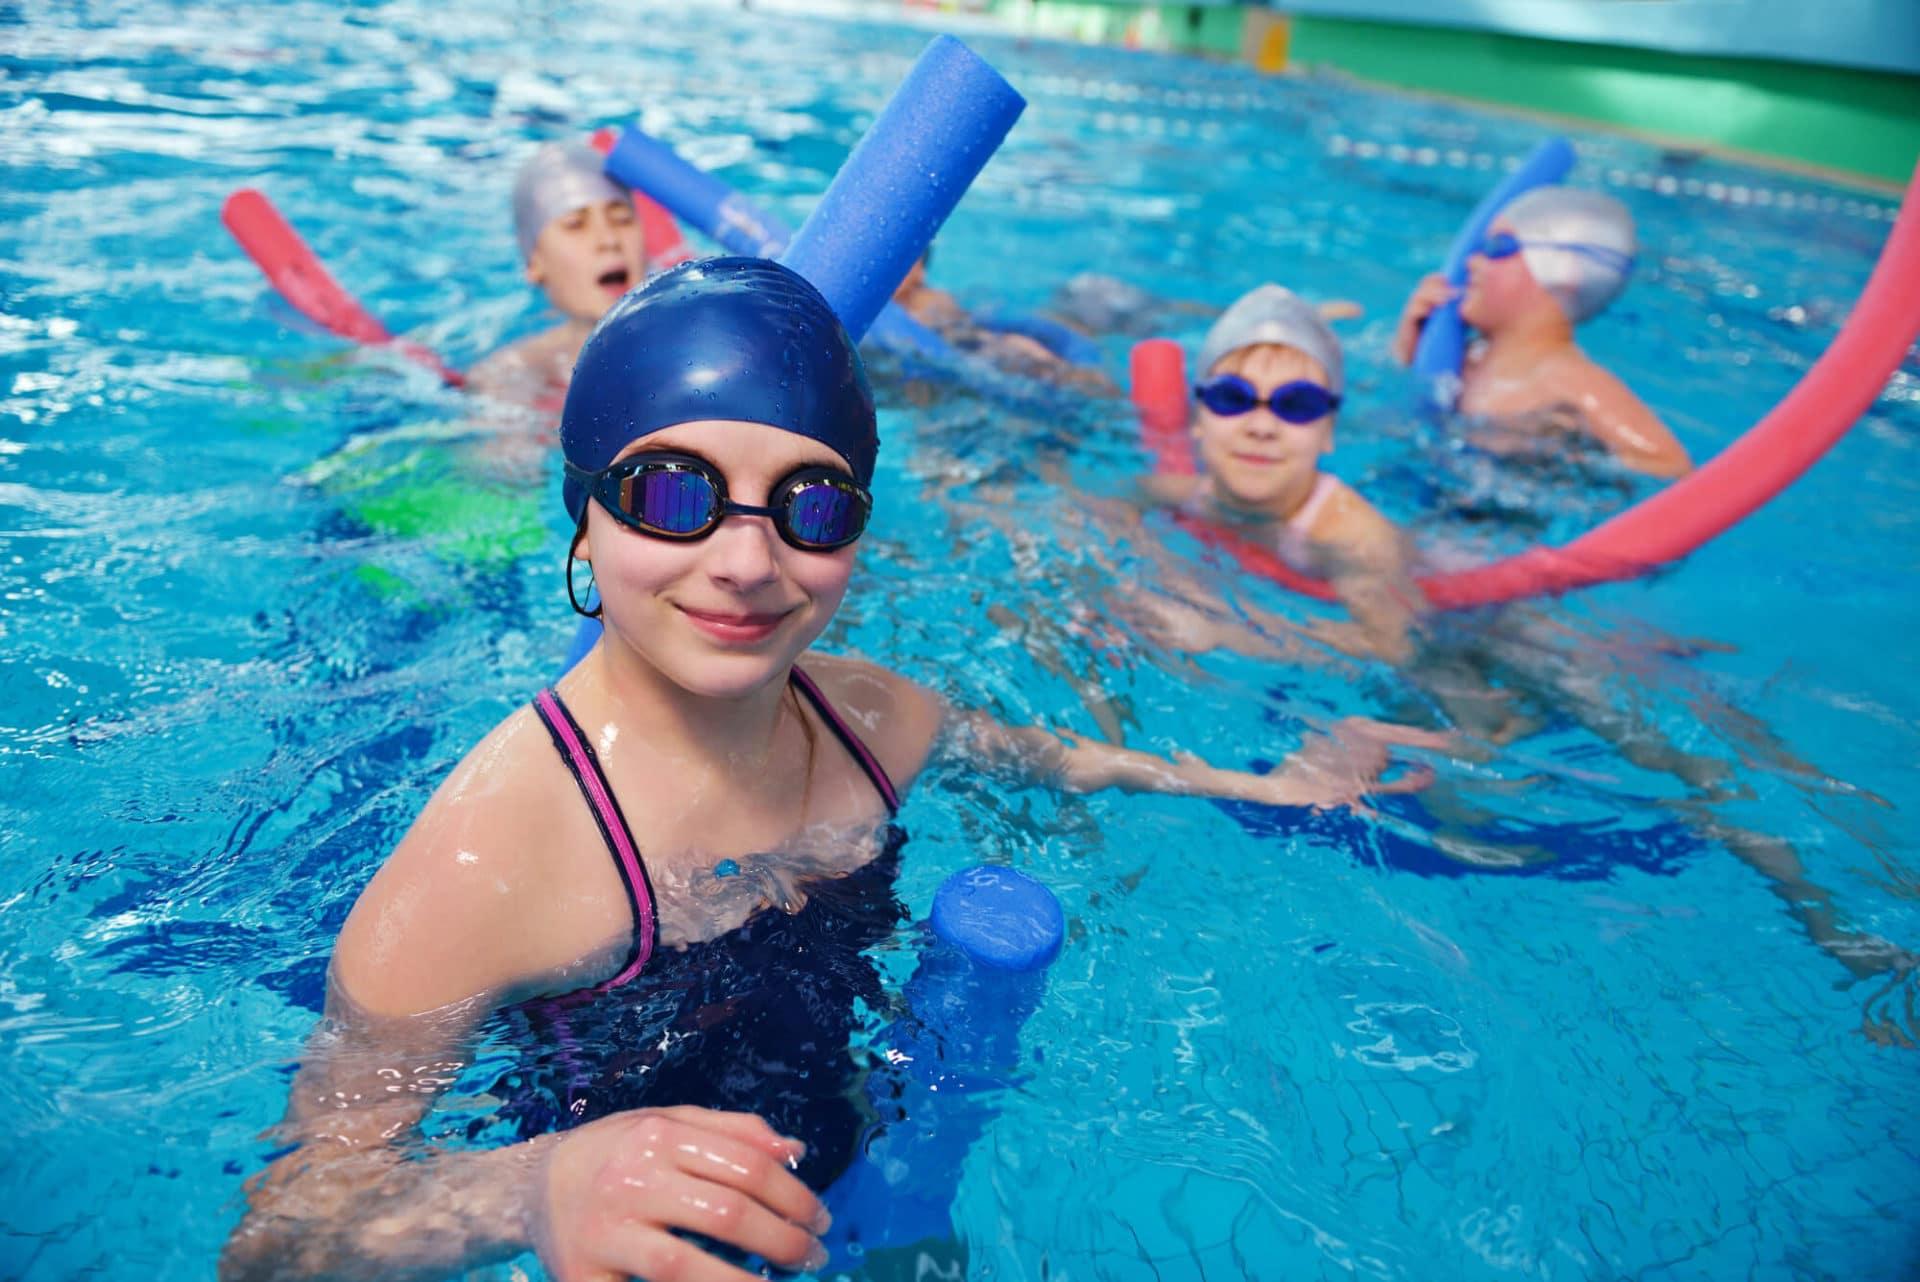 Польза и вред плавания для здоровья женщин, мужчин и детей, отзывы